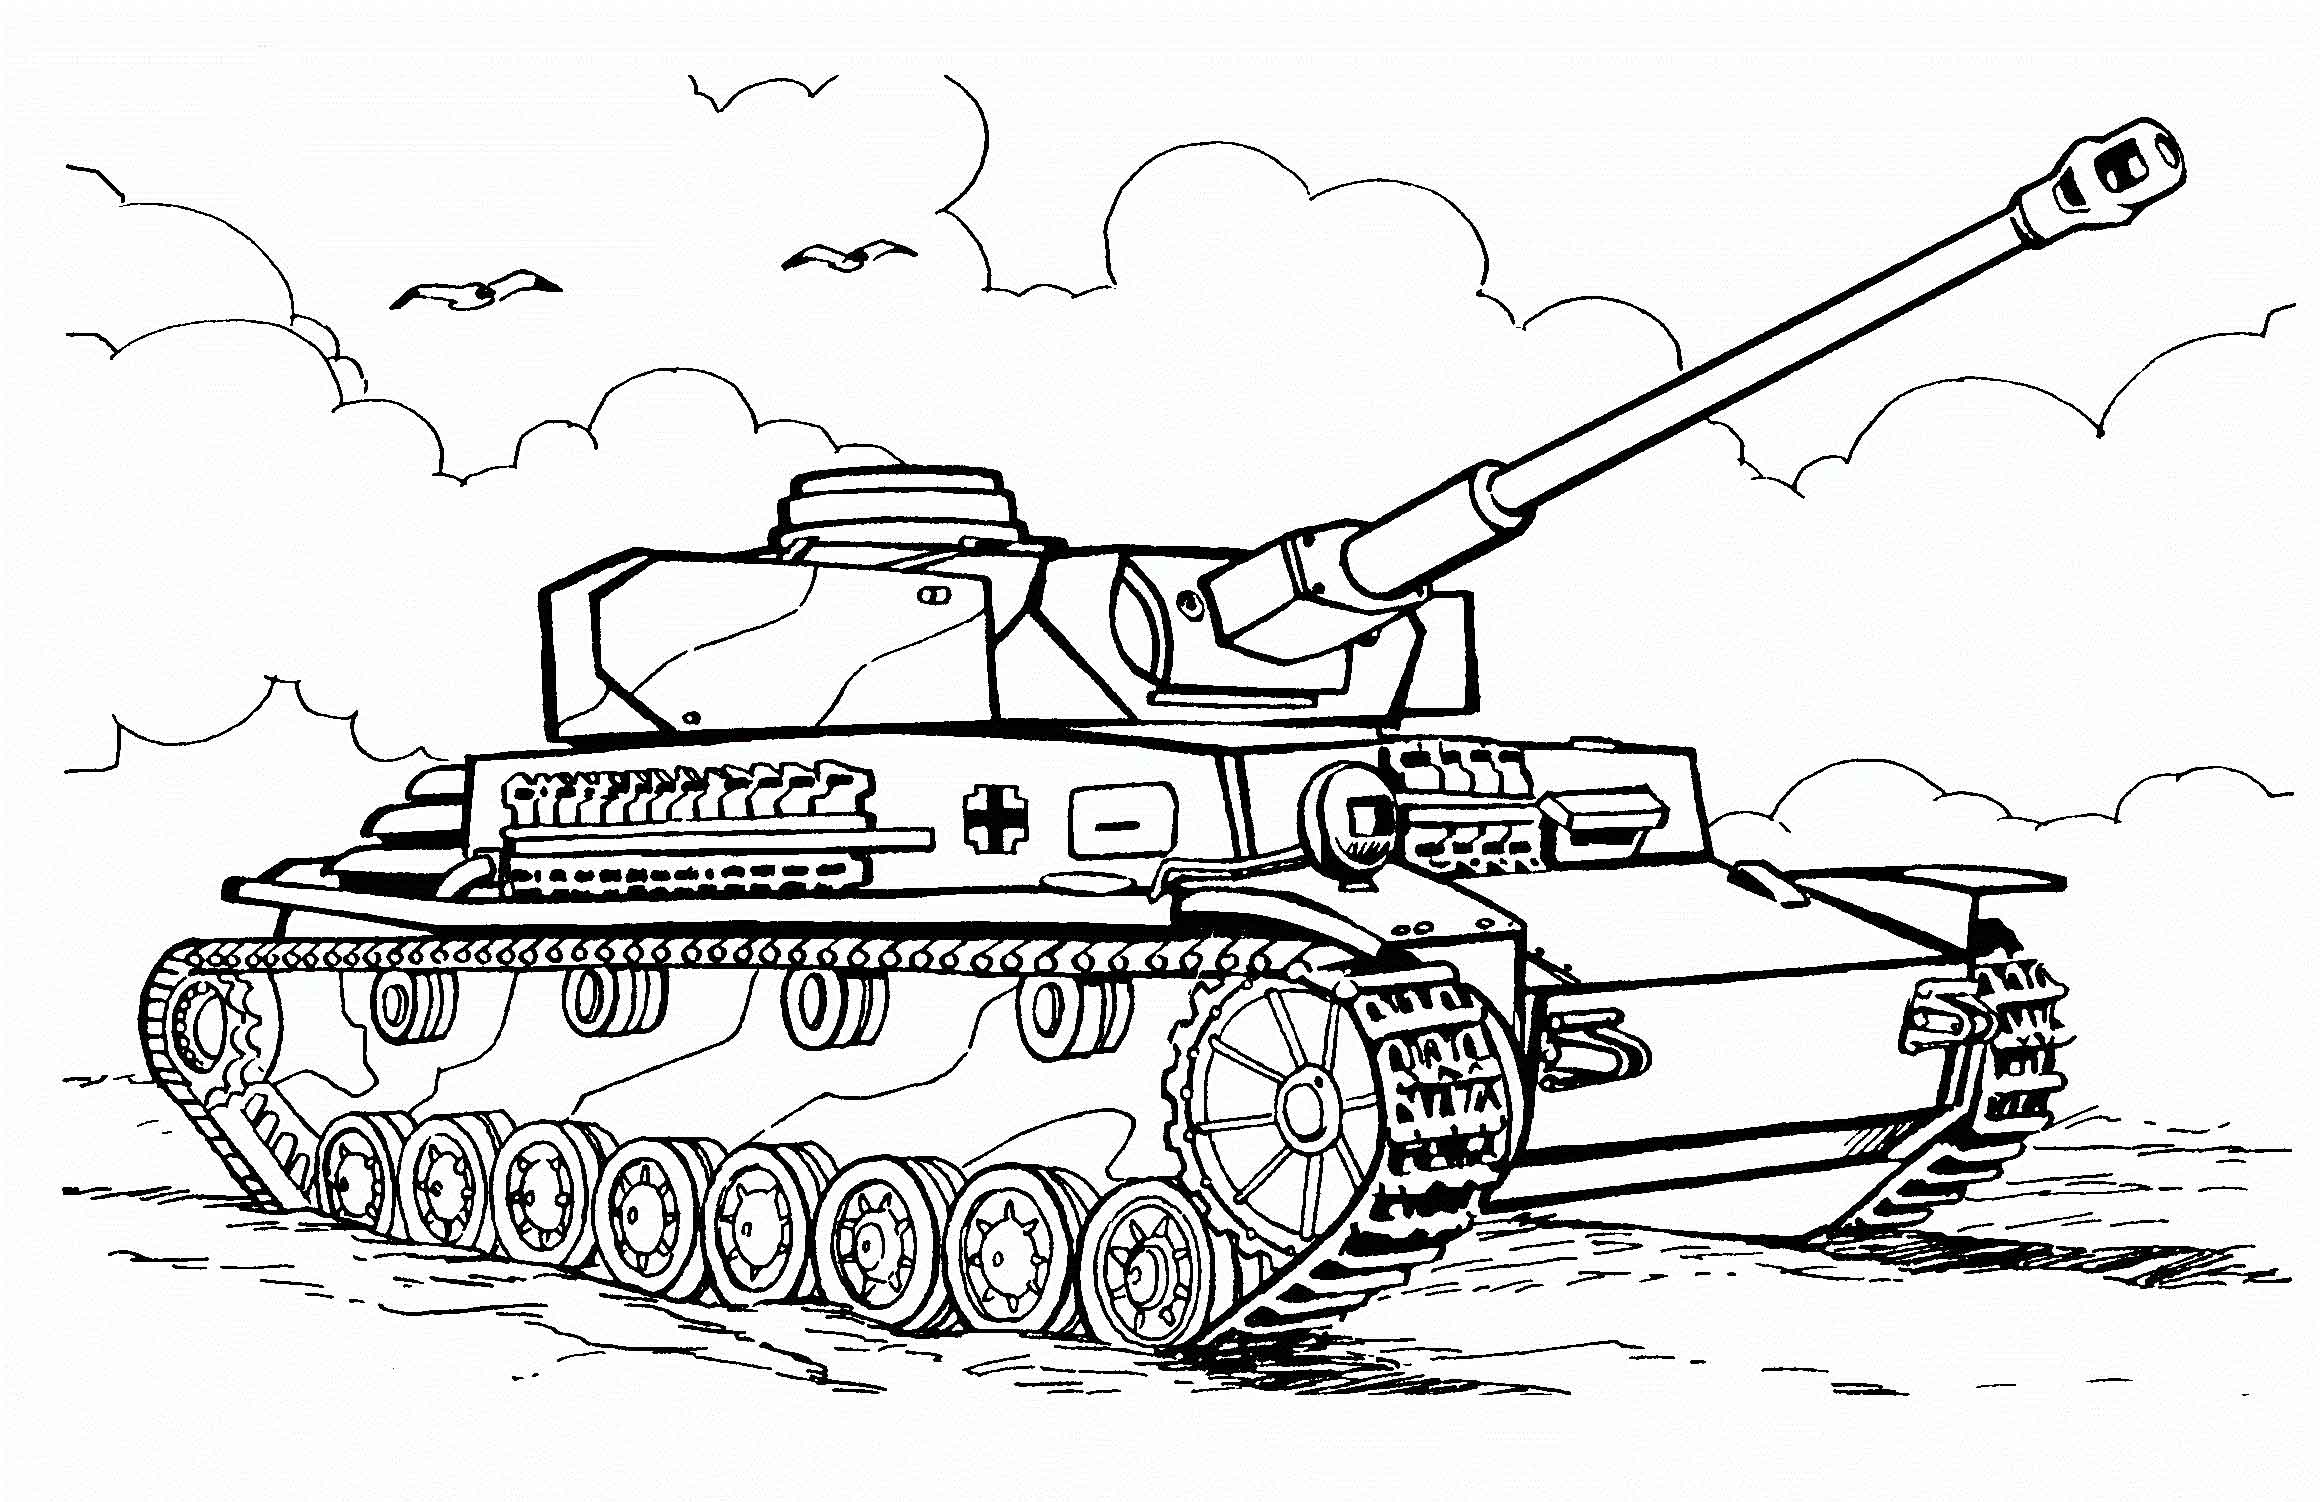 Tranh tô màu xe tăng quân đội